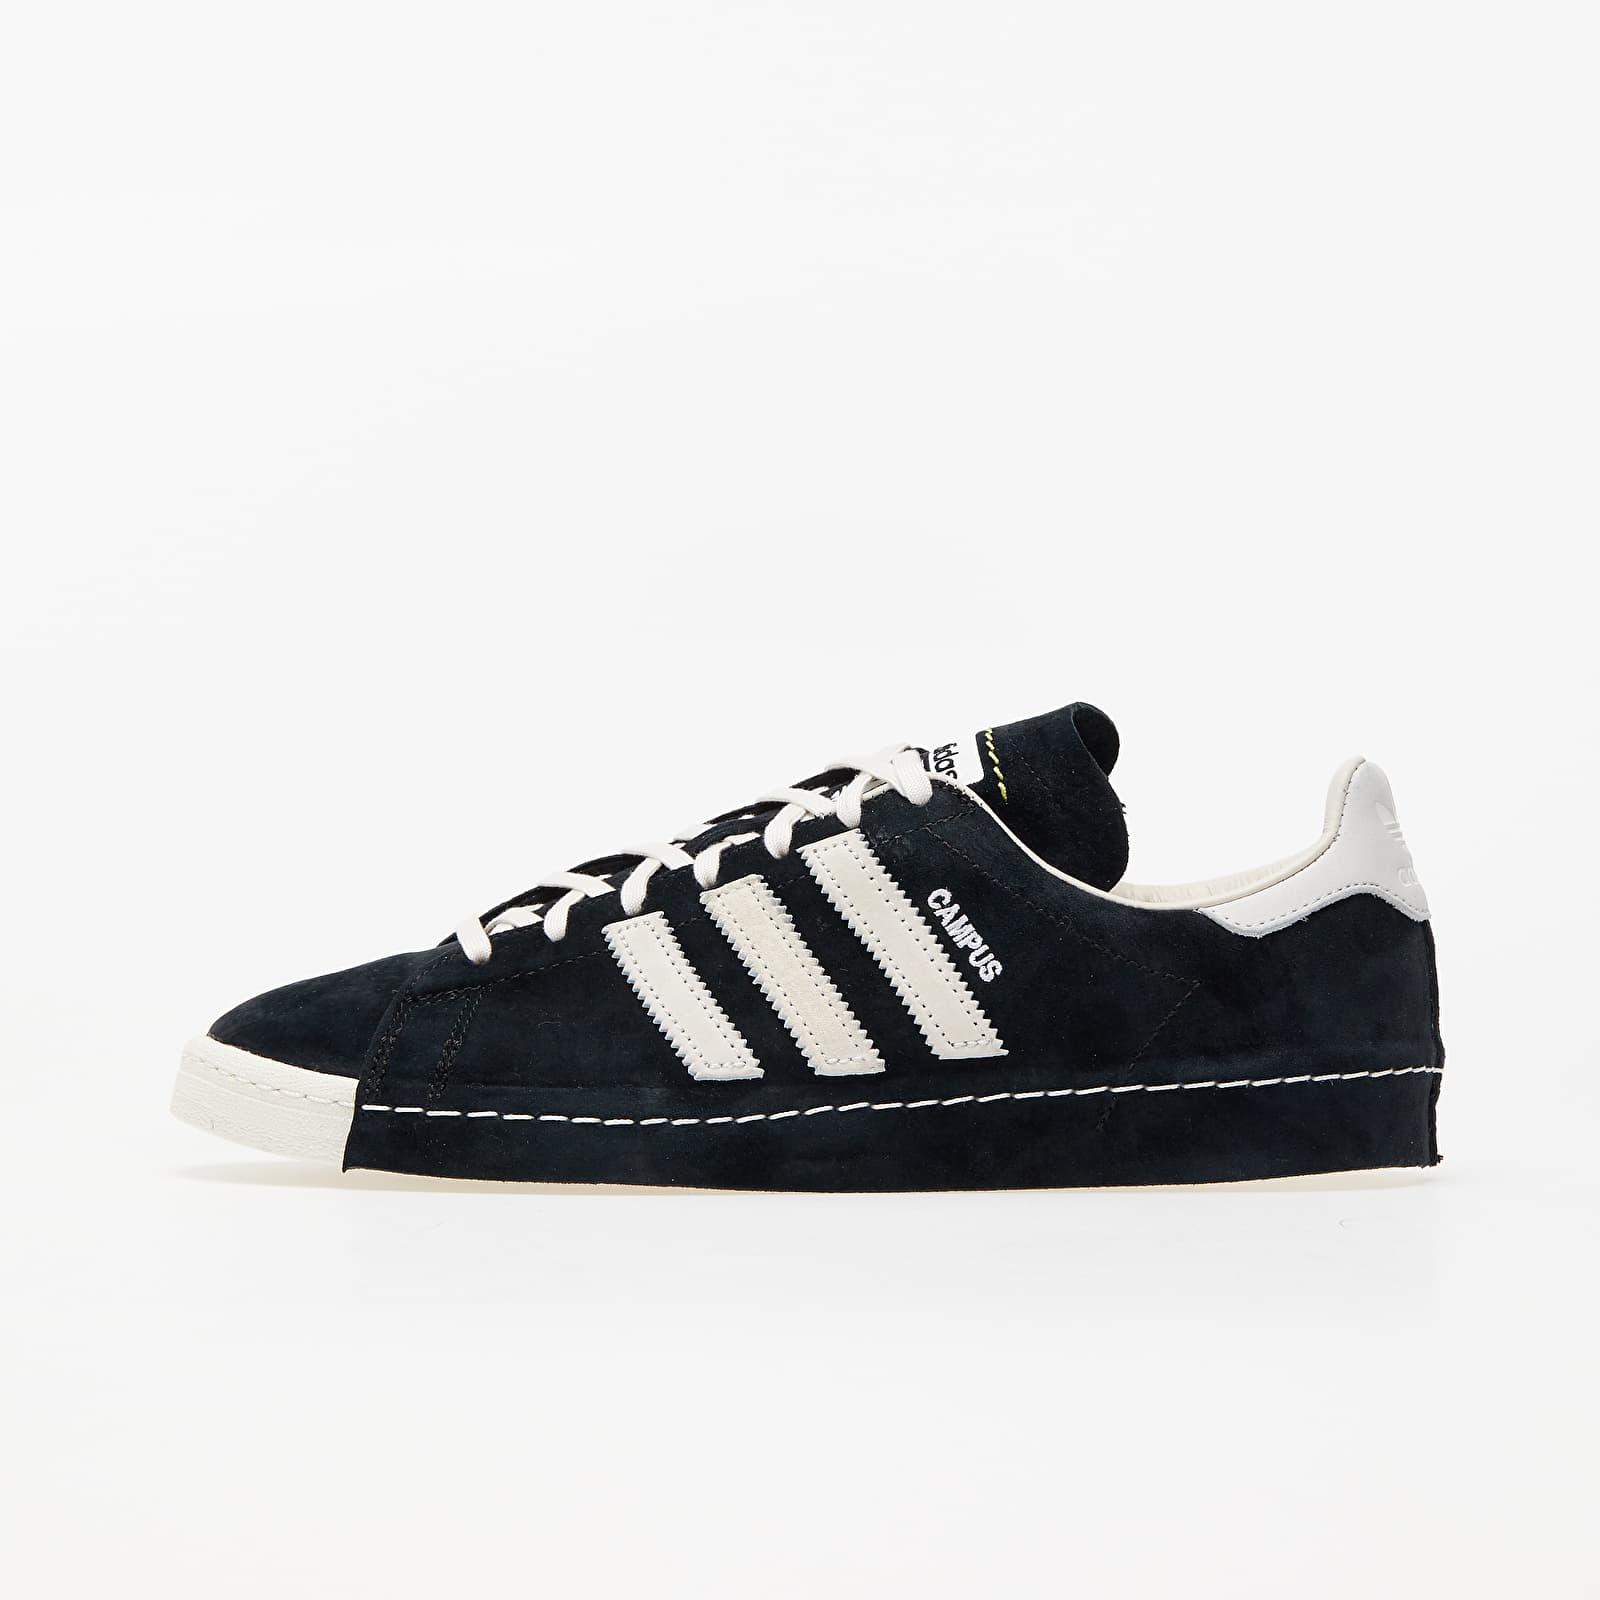 Încălțăminte și sneakerși pentru bărbați adidas Consortium x Recouture Campus 80s SH Core Black/ Chalk White/ Dark Blue